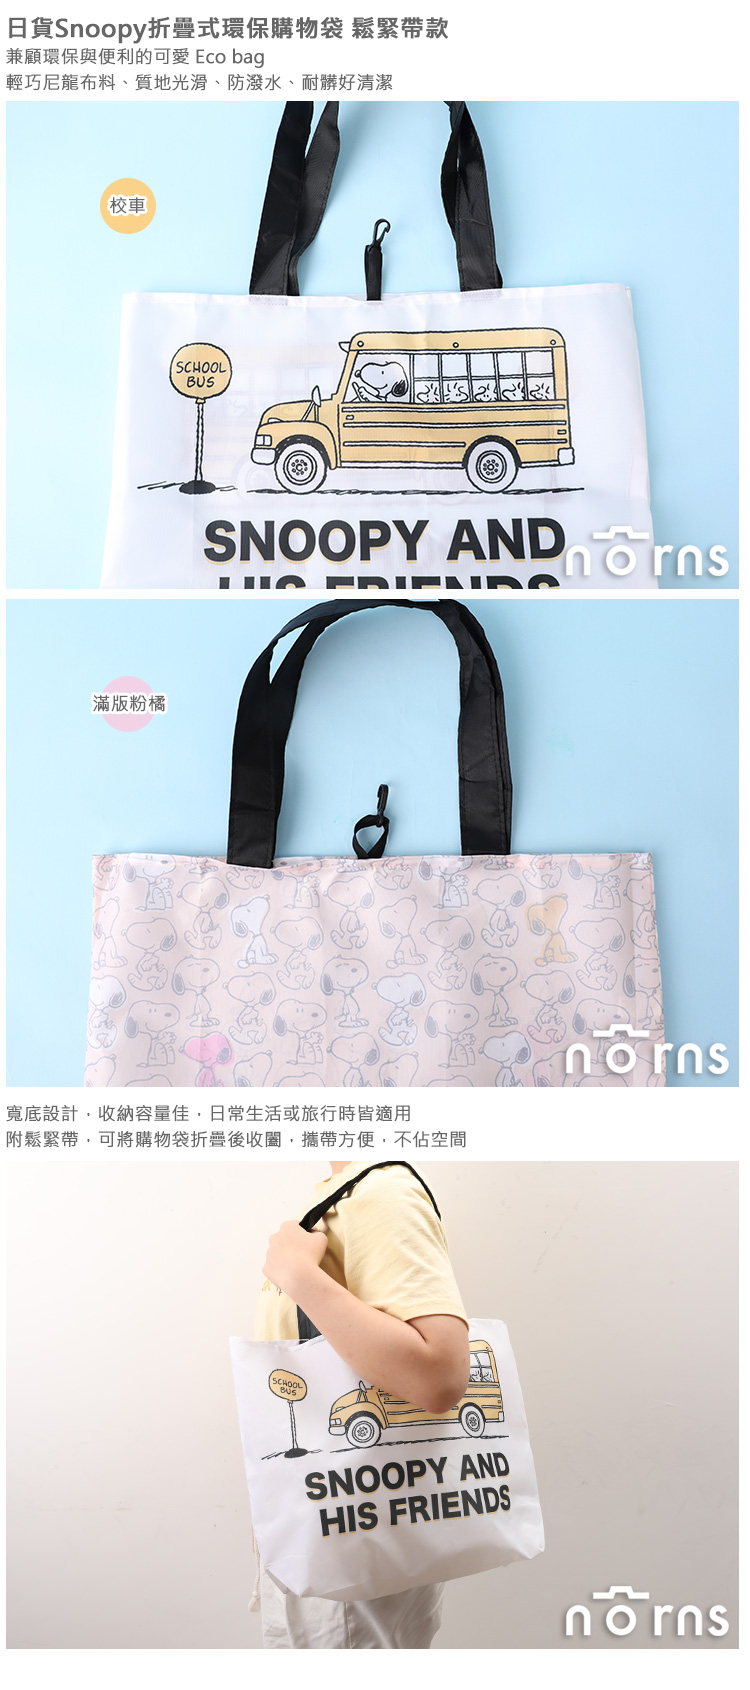 日貨Snoopy折疊式環保購物袋 鬆緊帶款- Norns 日本進口正版 史努比 Eco bag環保袋 手提袋